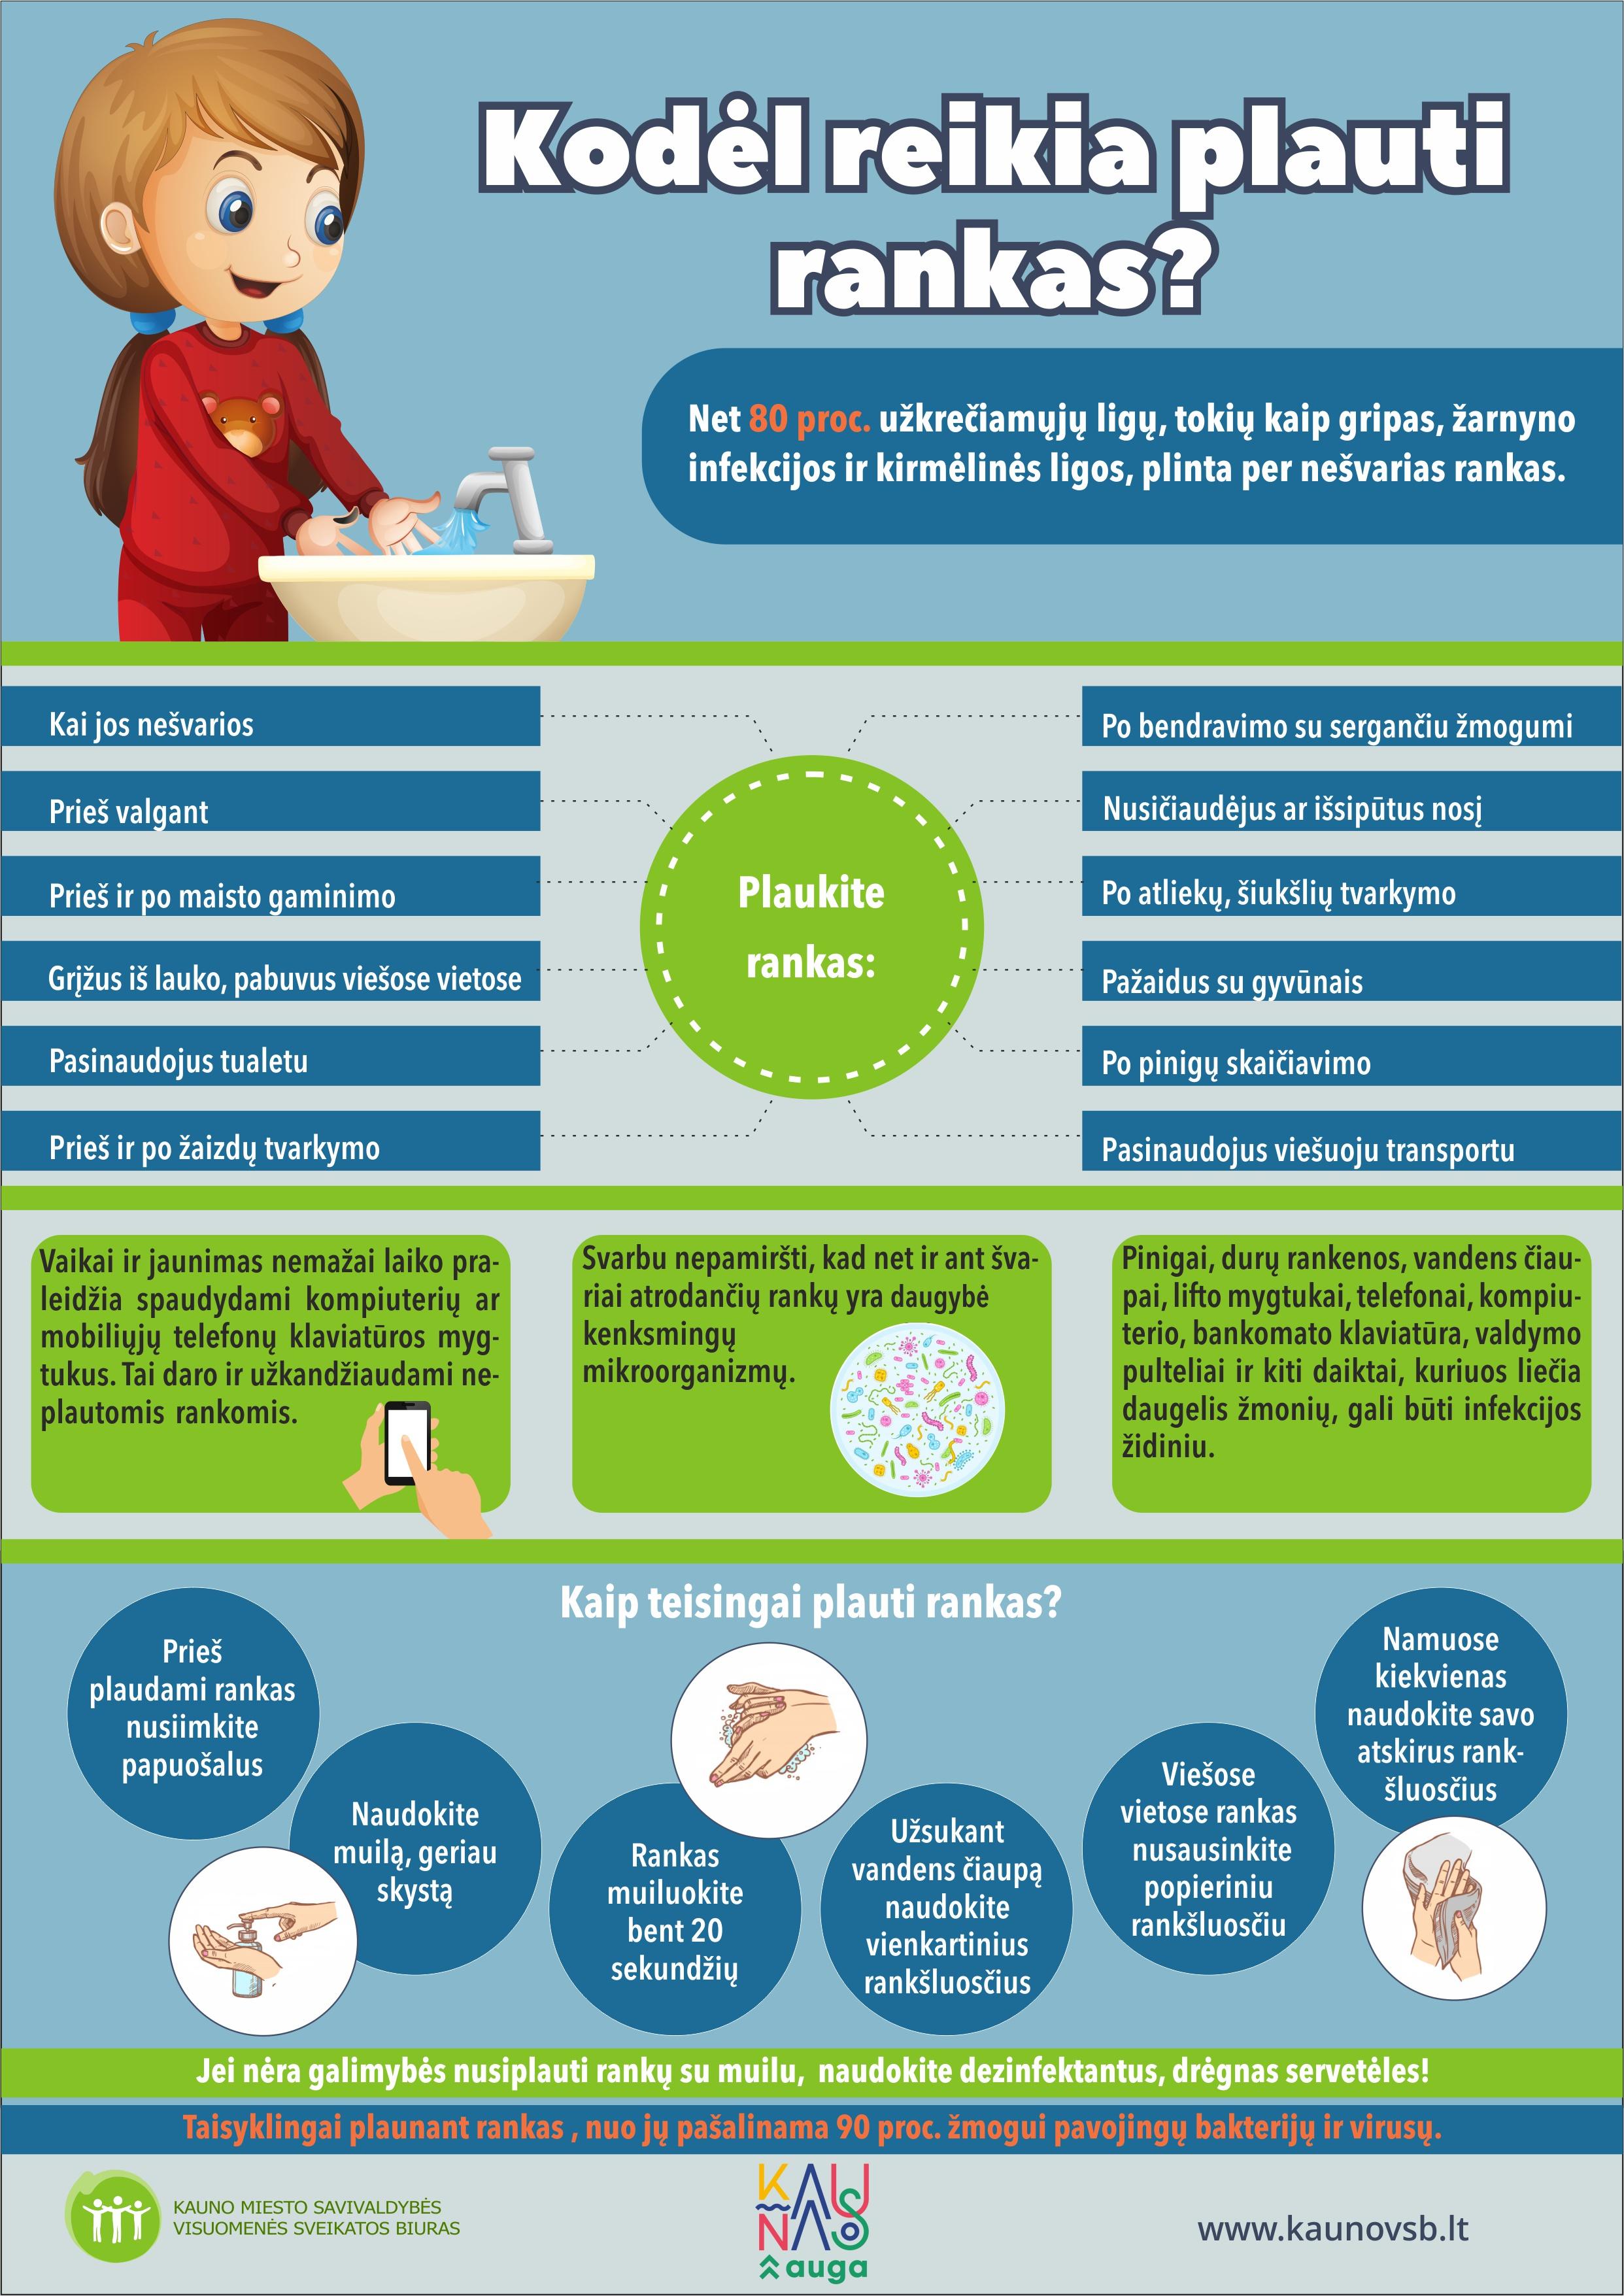 5 susijusios sveikatos priežiūros karjeros